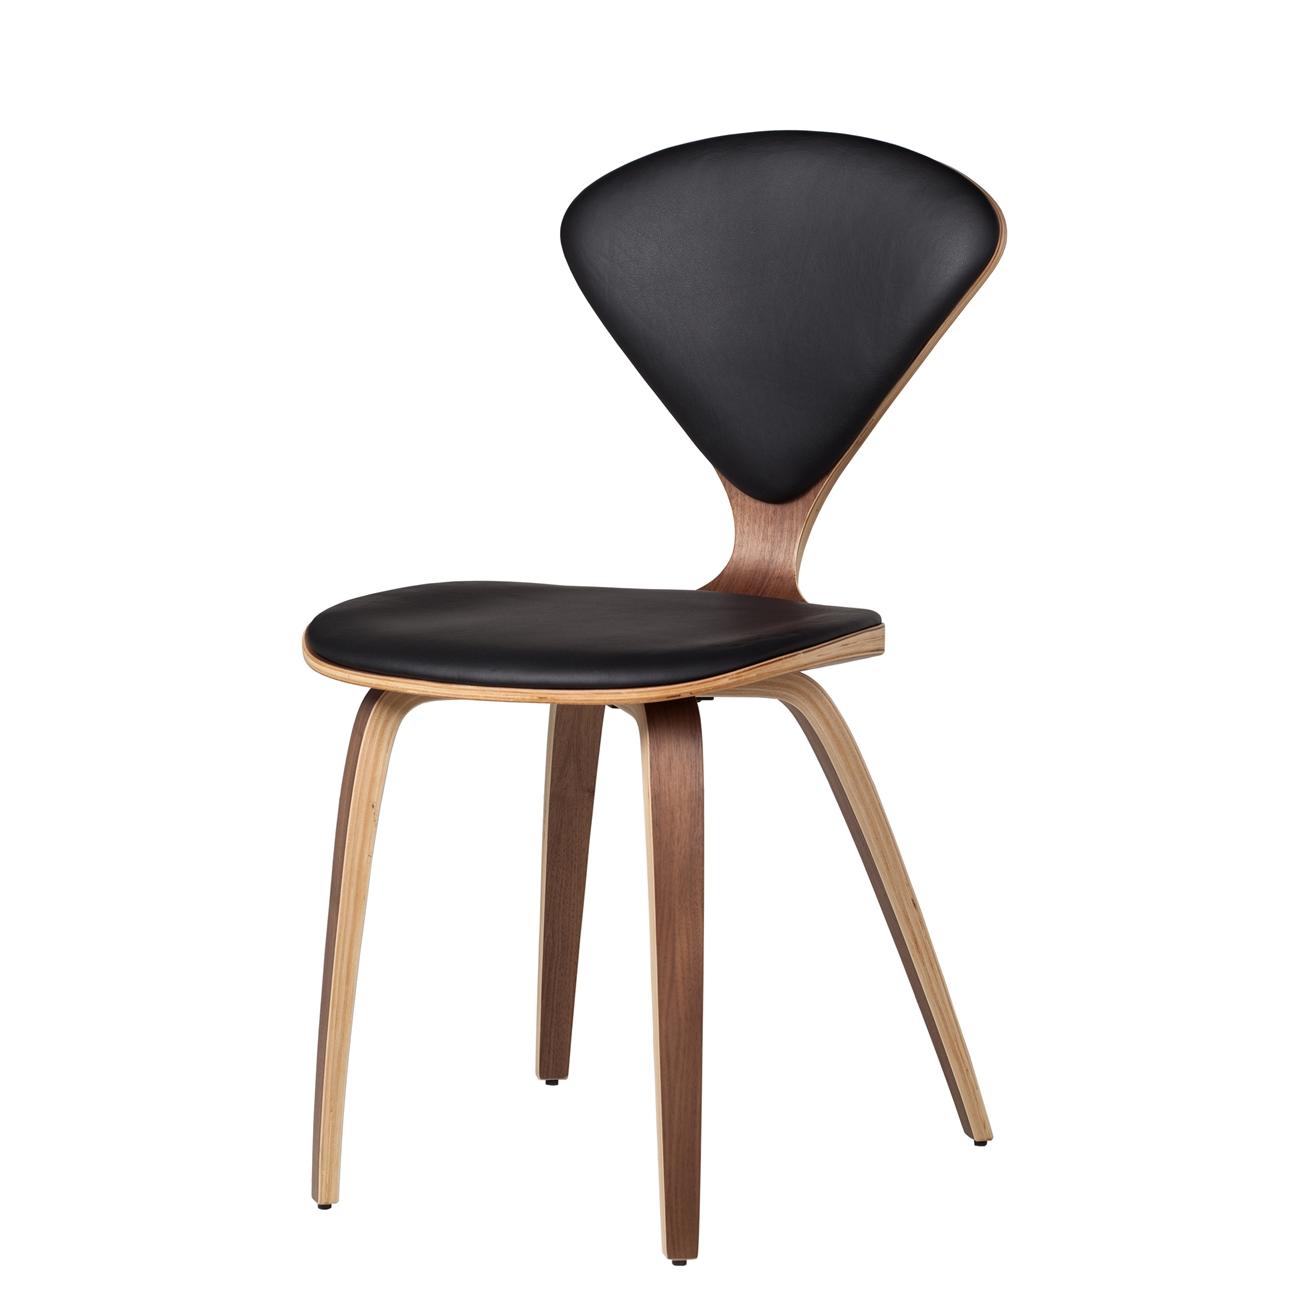 cherner furniture. Larger Photo Email A Friend Cherner Furniture L